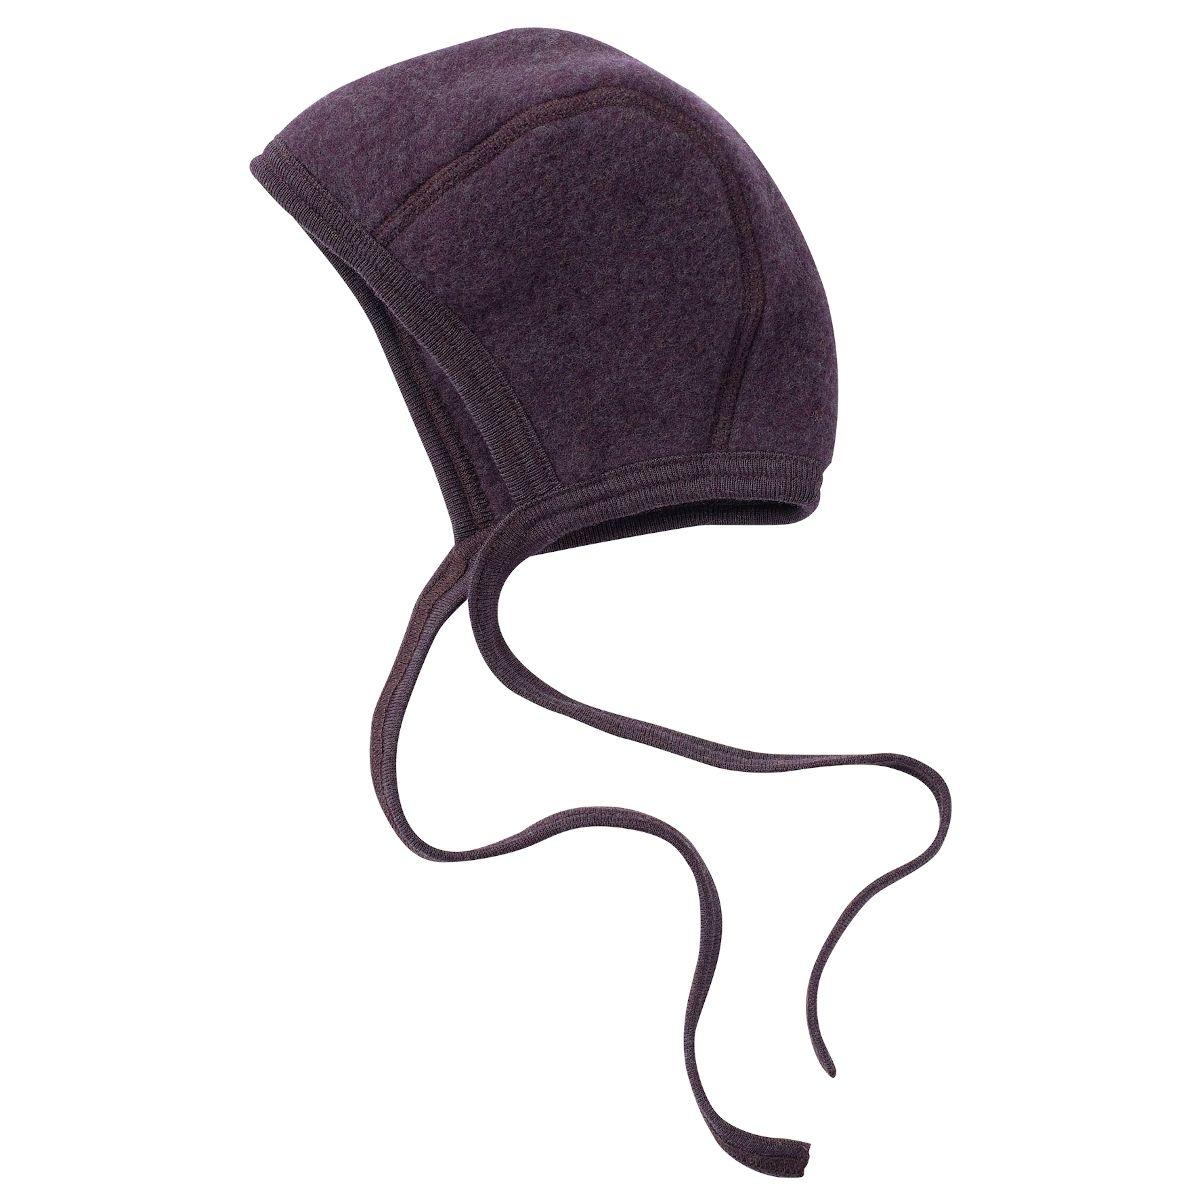 ENGEL Baby bonnet dark purple